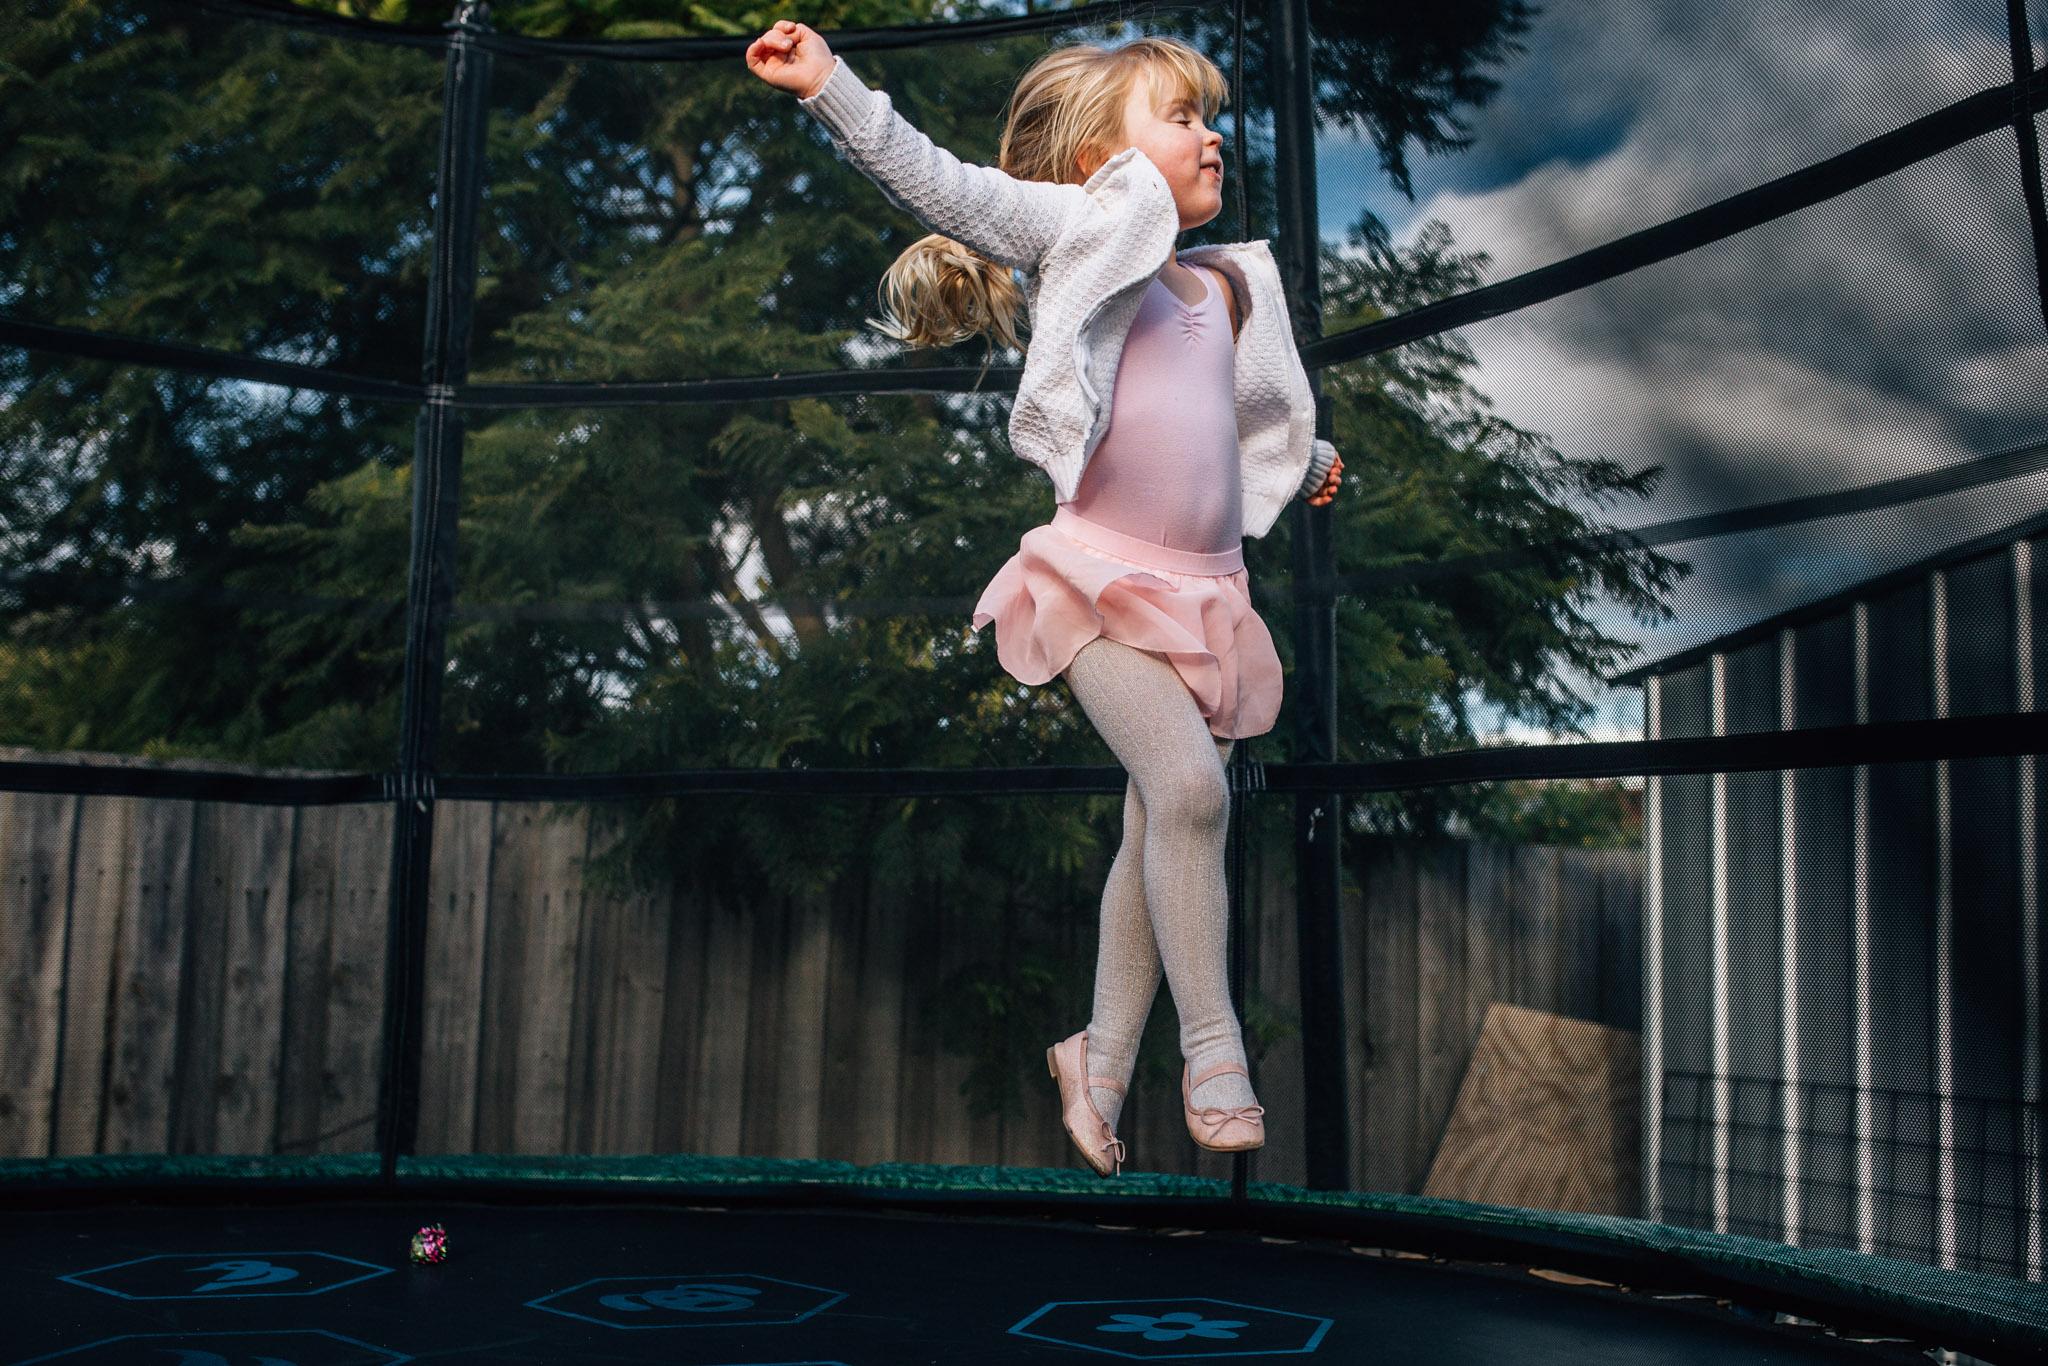 Ballerina girl on trampoline.